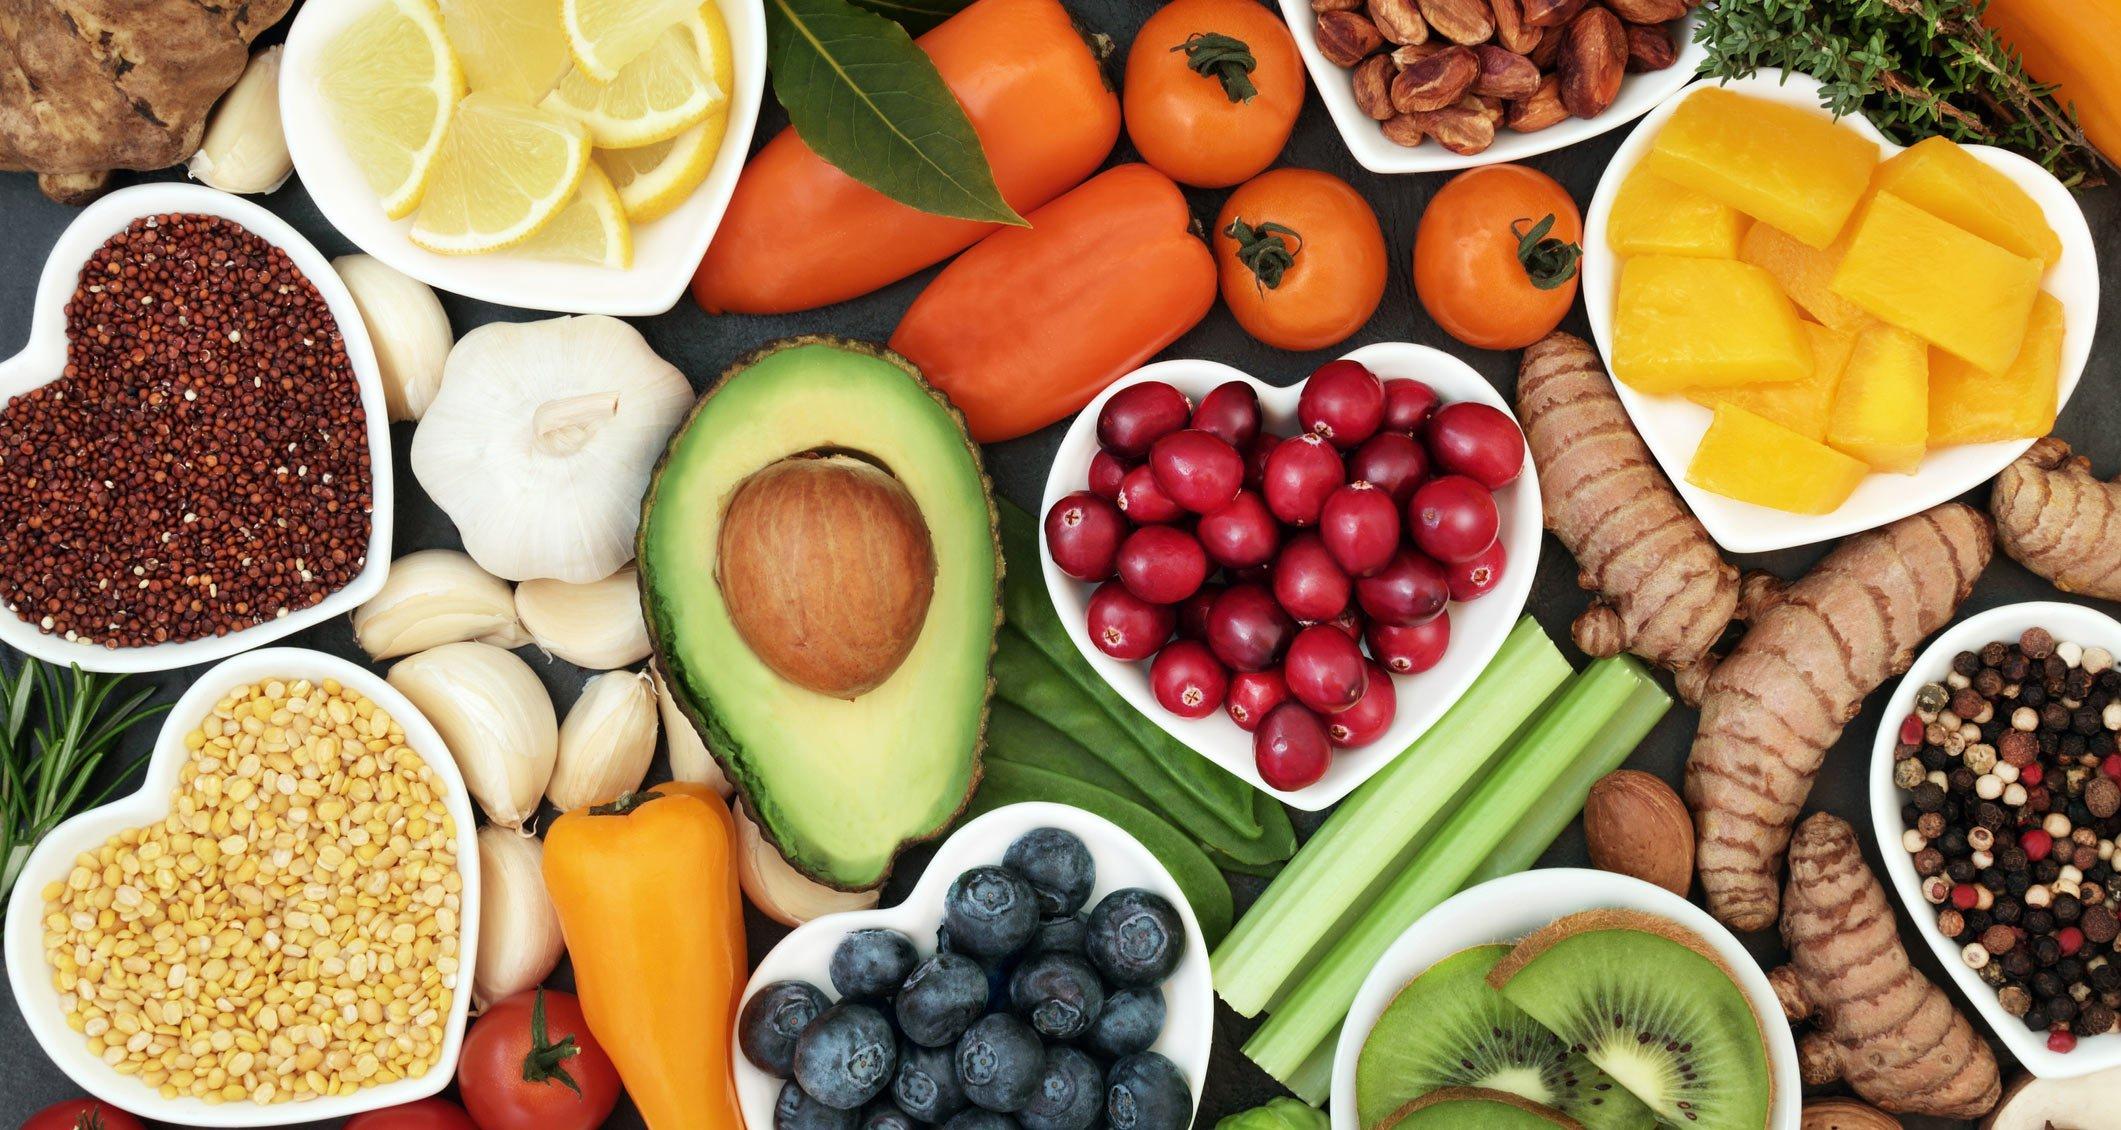 nutritarian diet to strengthen heart